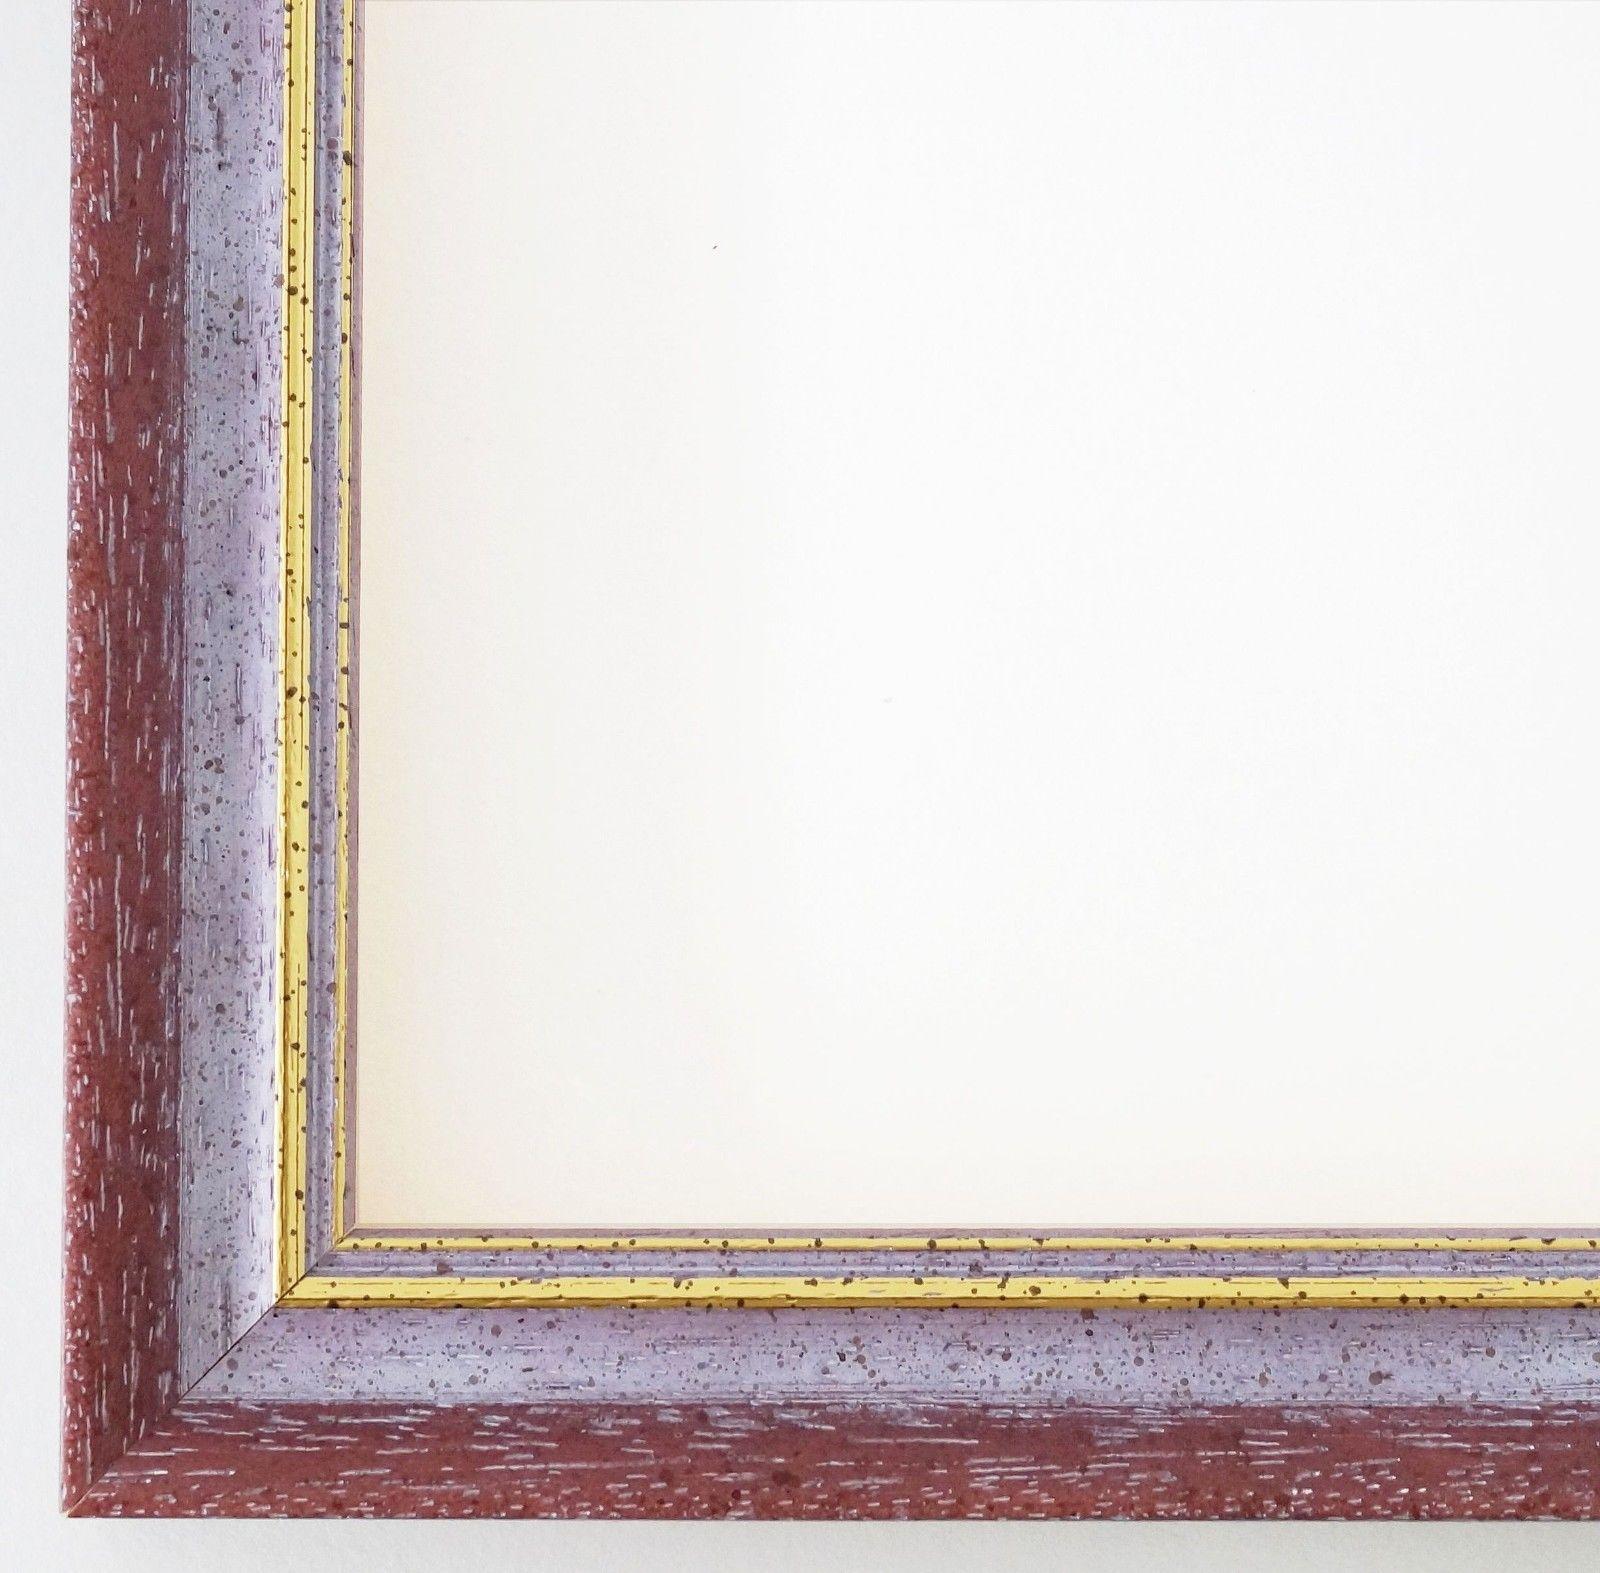 Bilderrahmen Violett Gold Braunschweig 9x13 10x10 10x15 13x18 15x20 ...